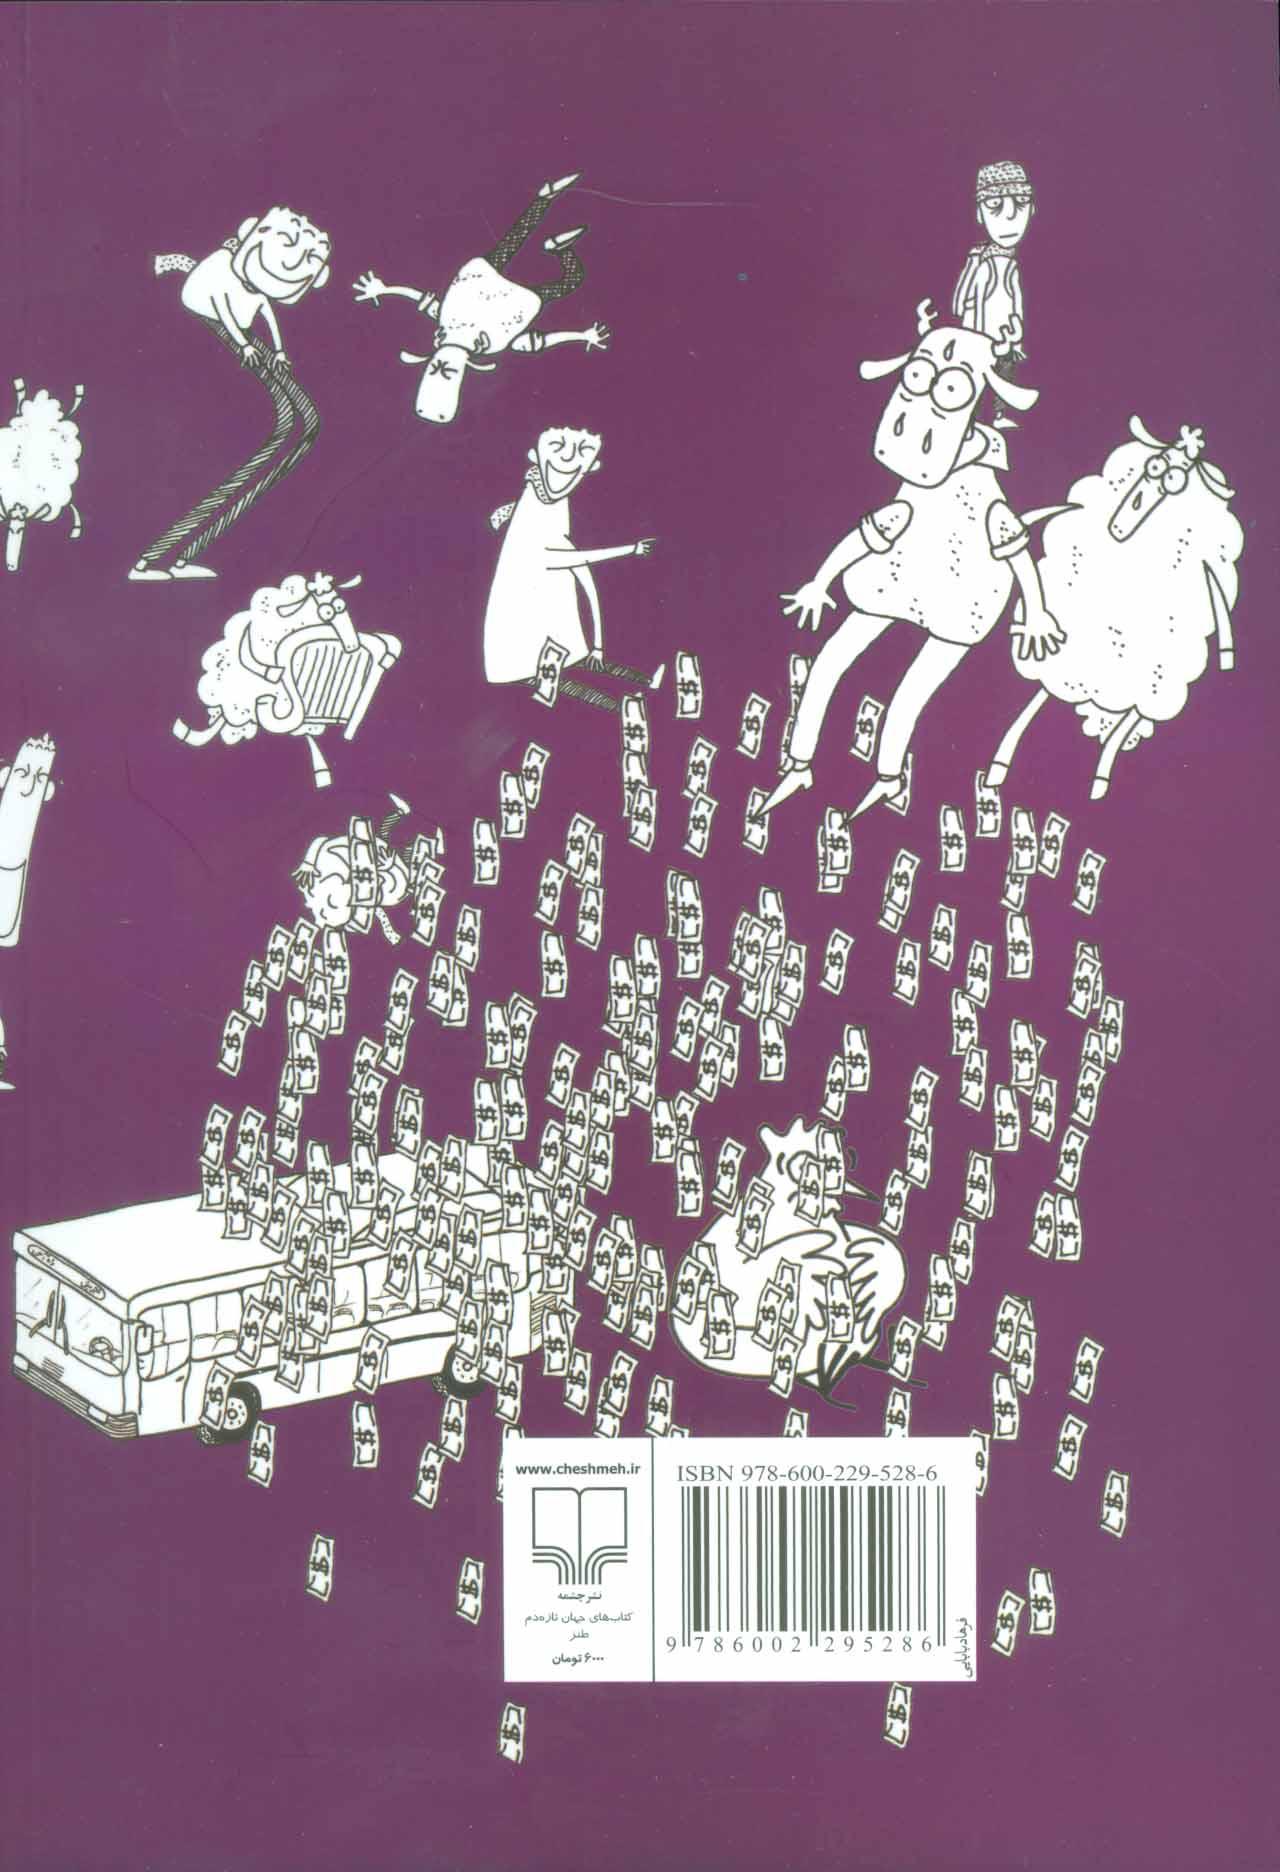 گوزن و گوسفند در سرزمین عجایب (جهان تازه دم 4)